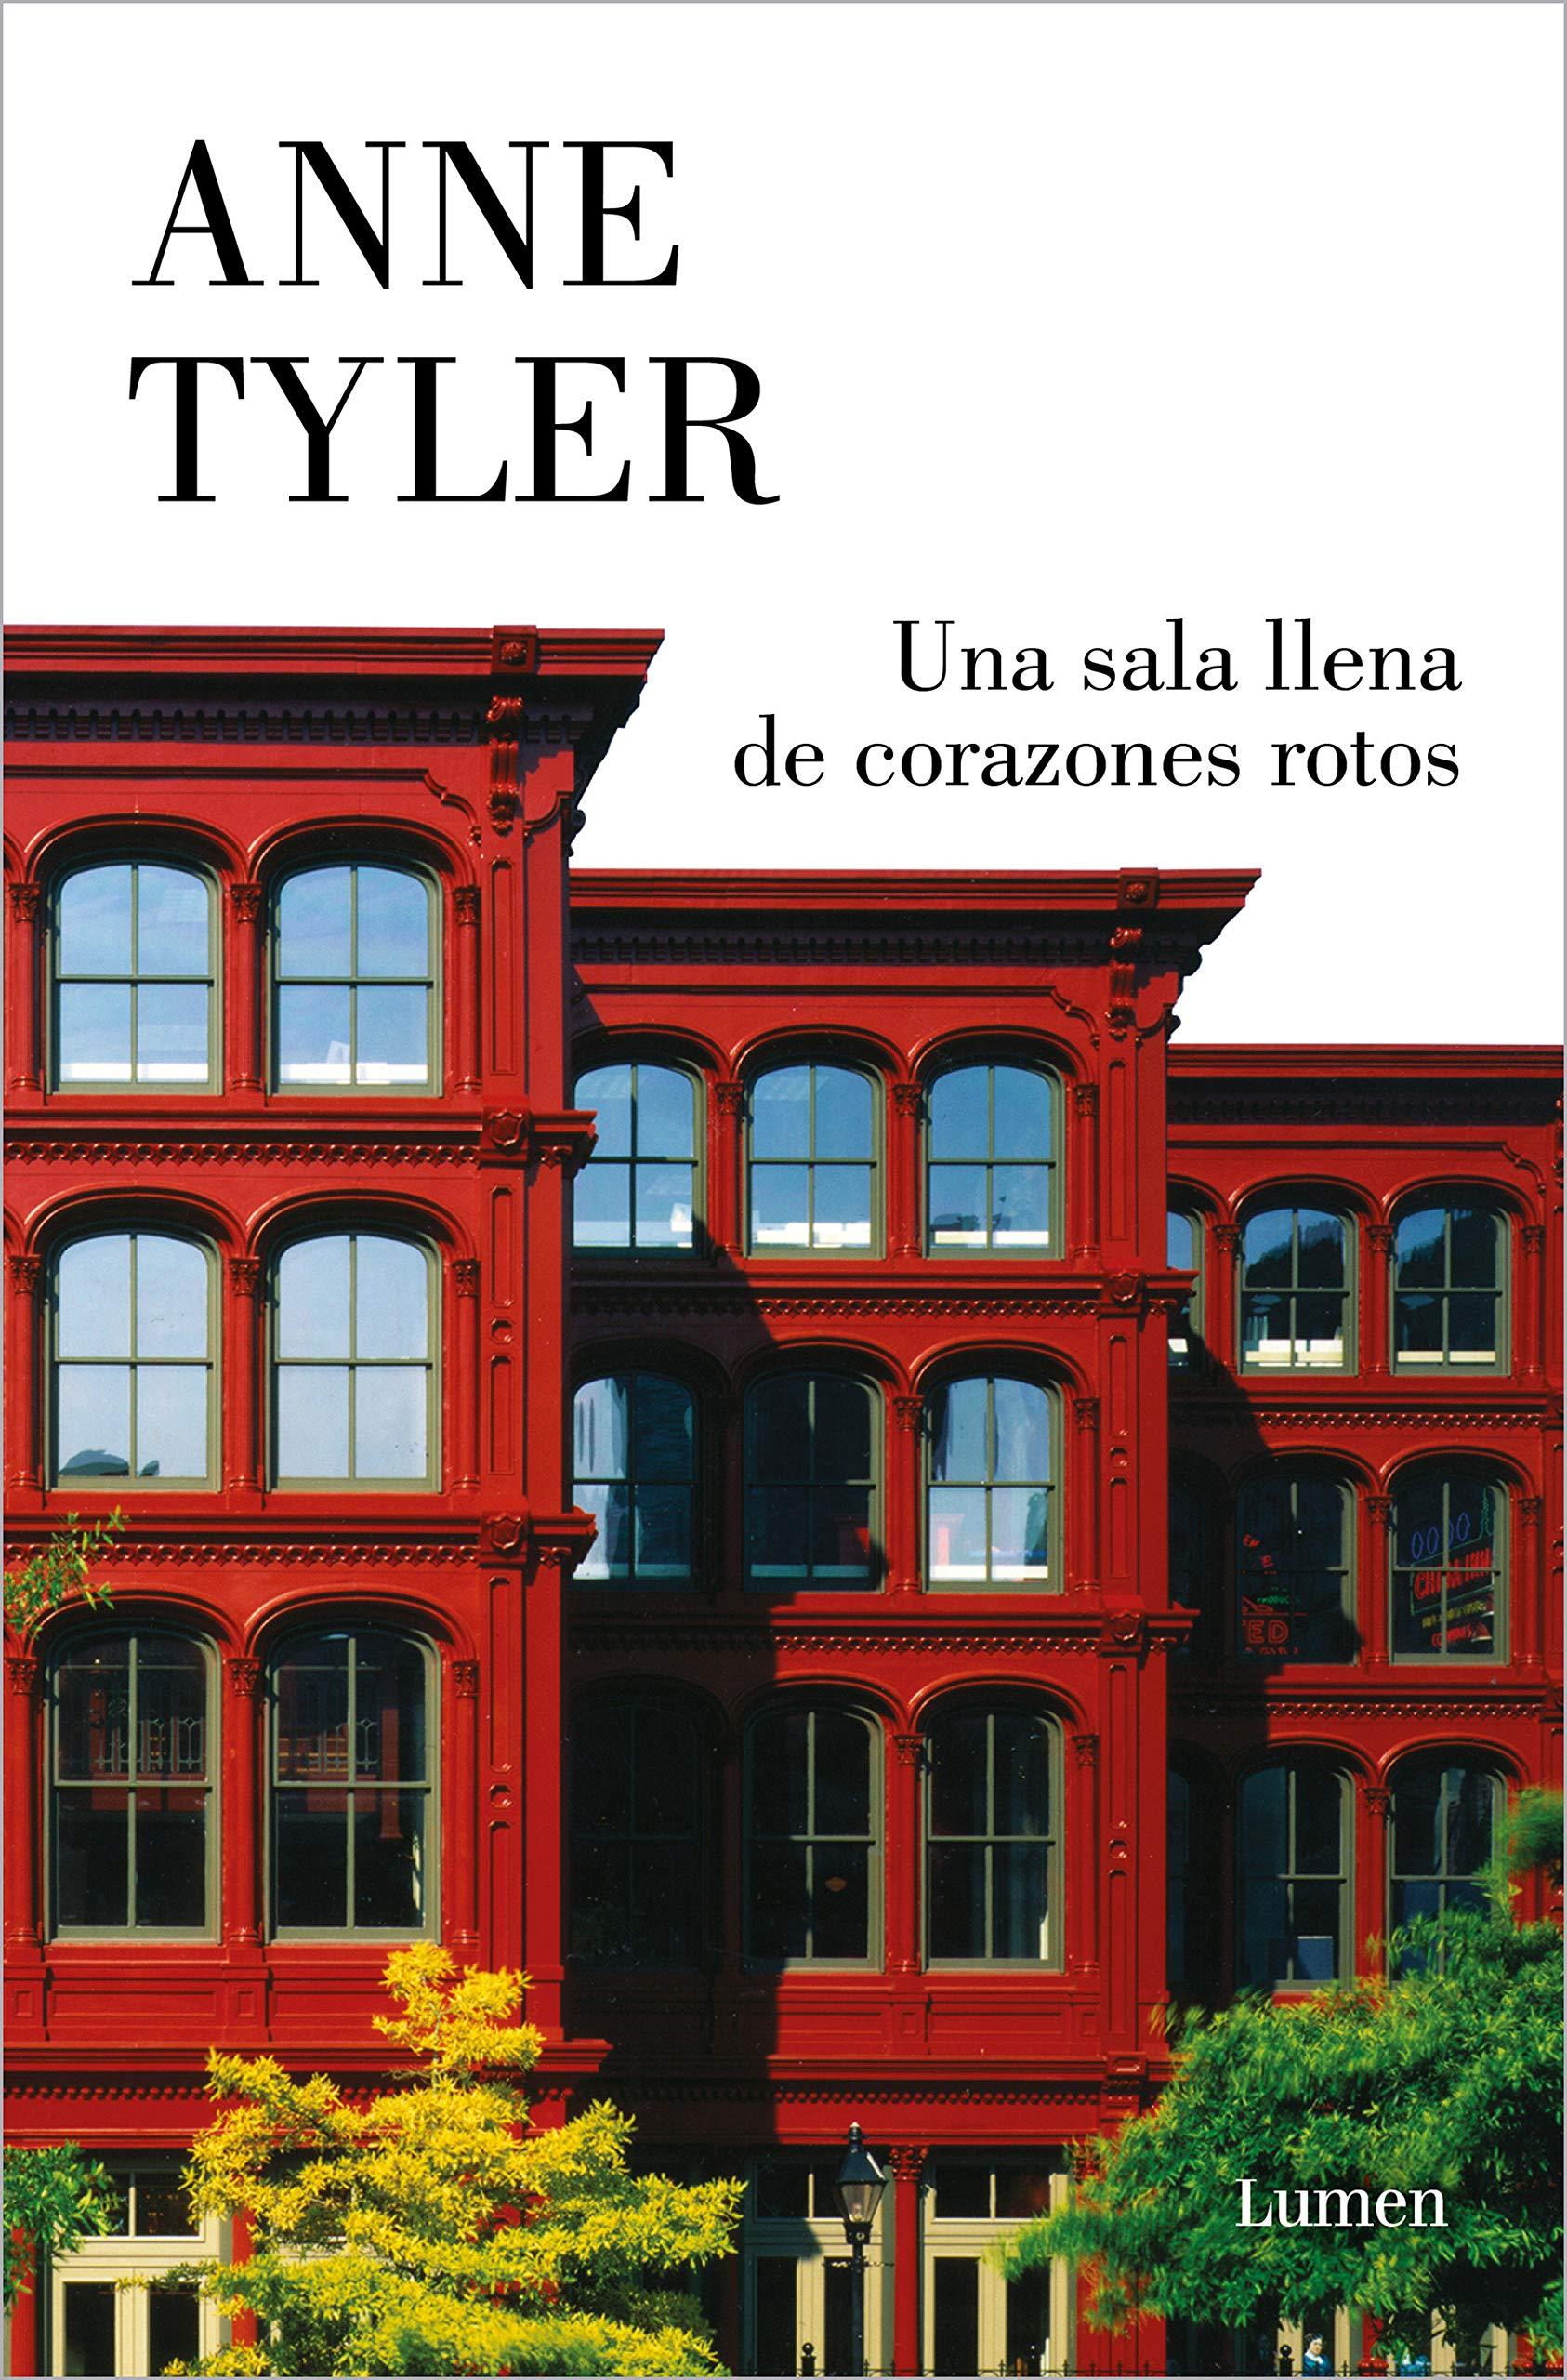 'Una sala llena de corazones rotos', de Anne Tyler